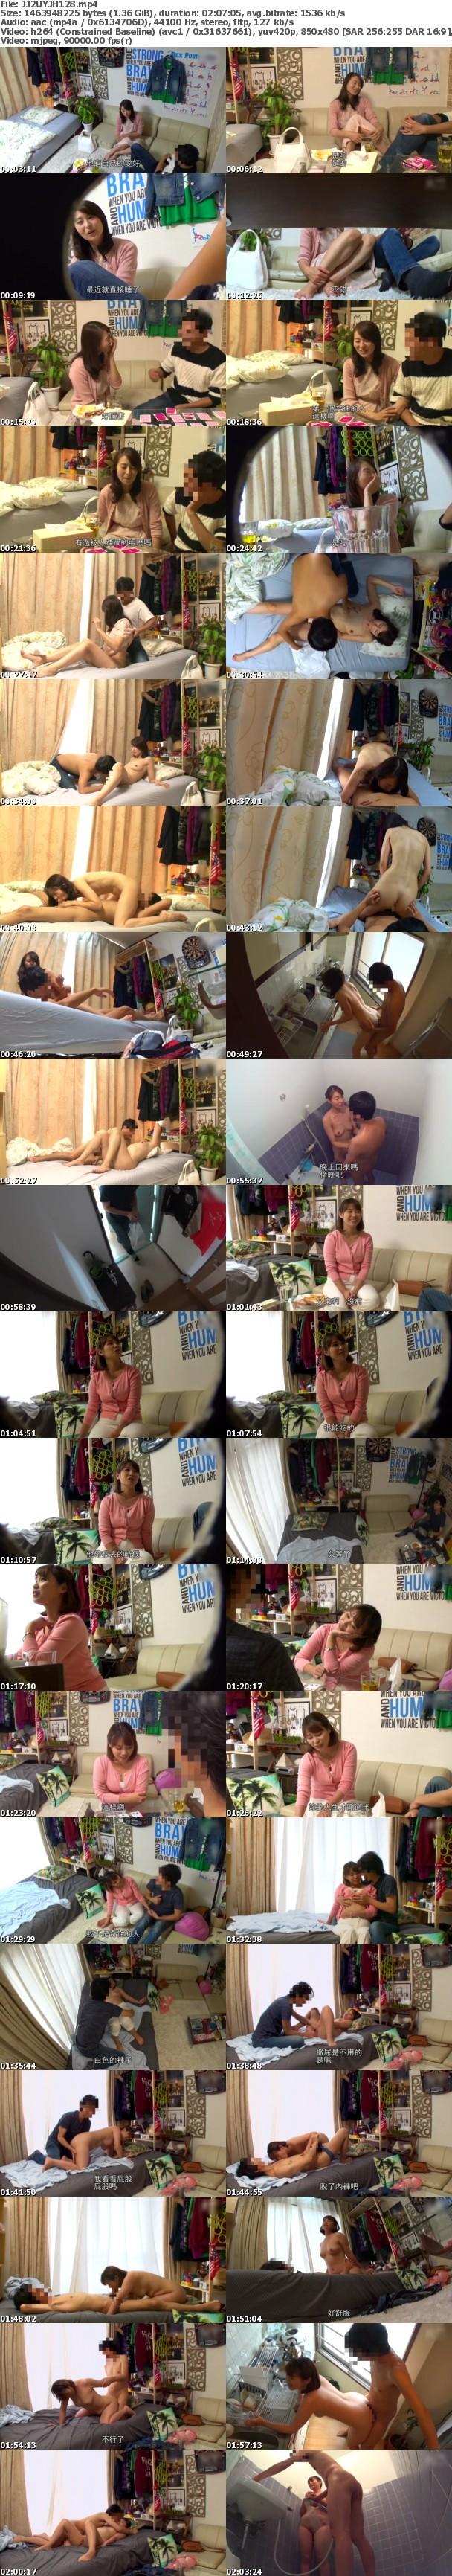 JJPP-128 偷拍帥哥把熟女帶入房間做愛的影片 FANZA限定! 先行發售特別版!!61[中文字幕]